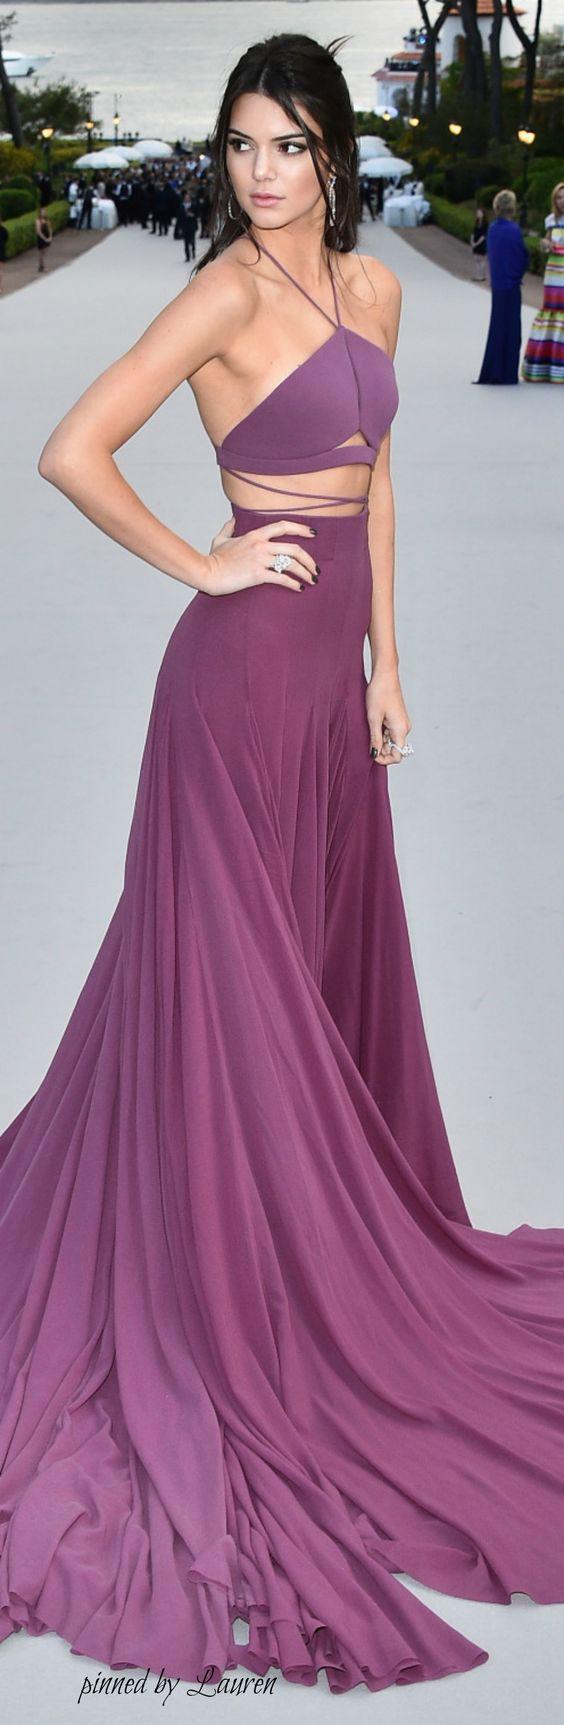 um vestido contemporaneo, gosto da cor também: